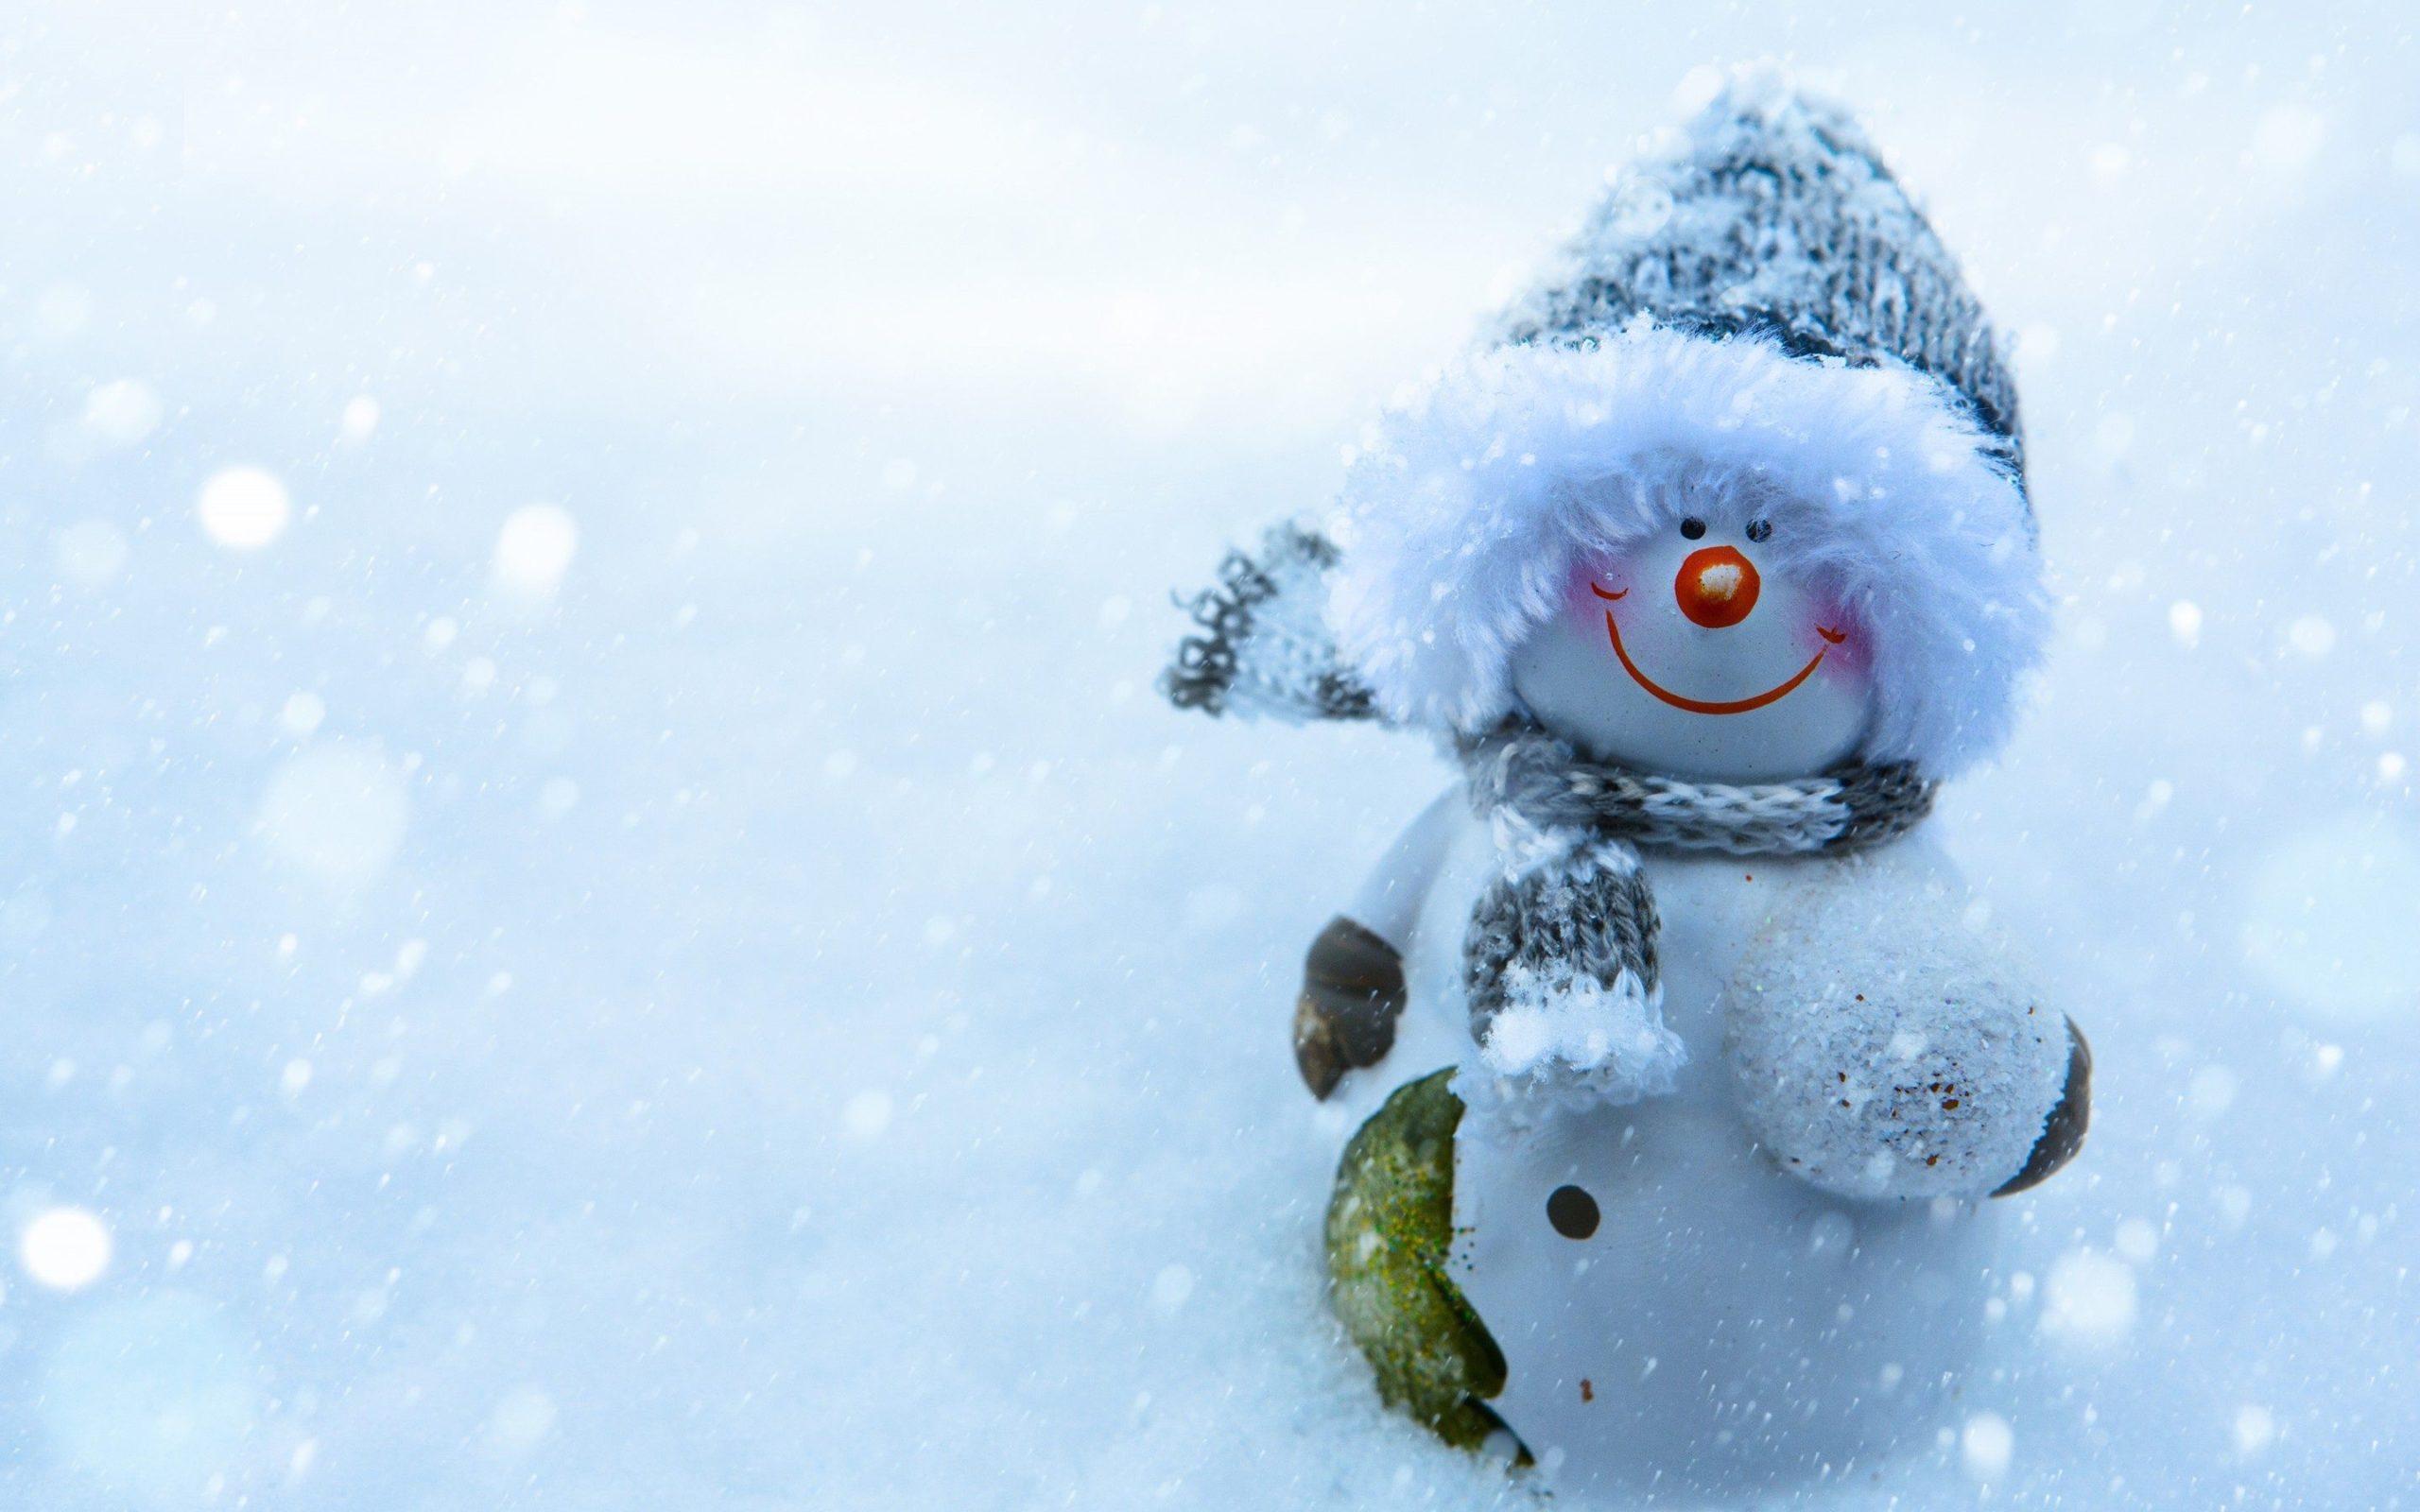 snowmanpictures